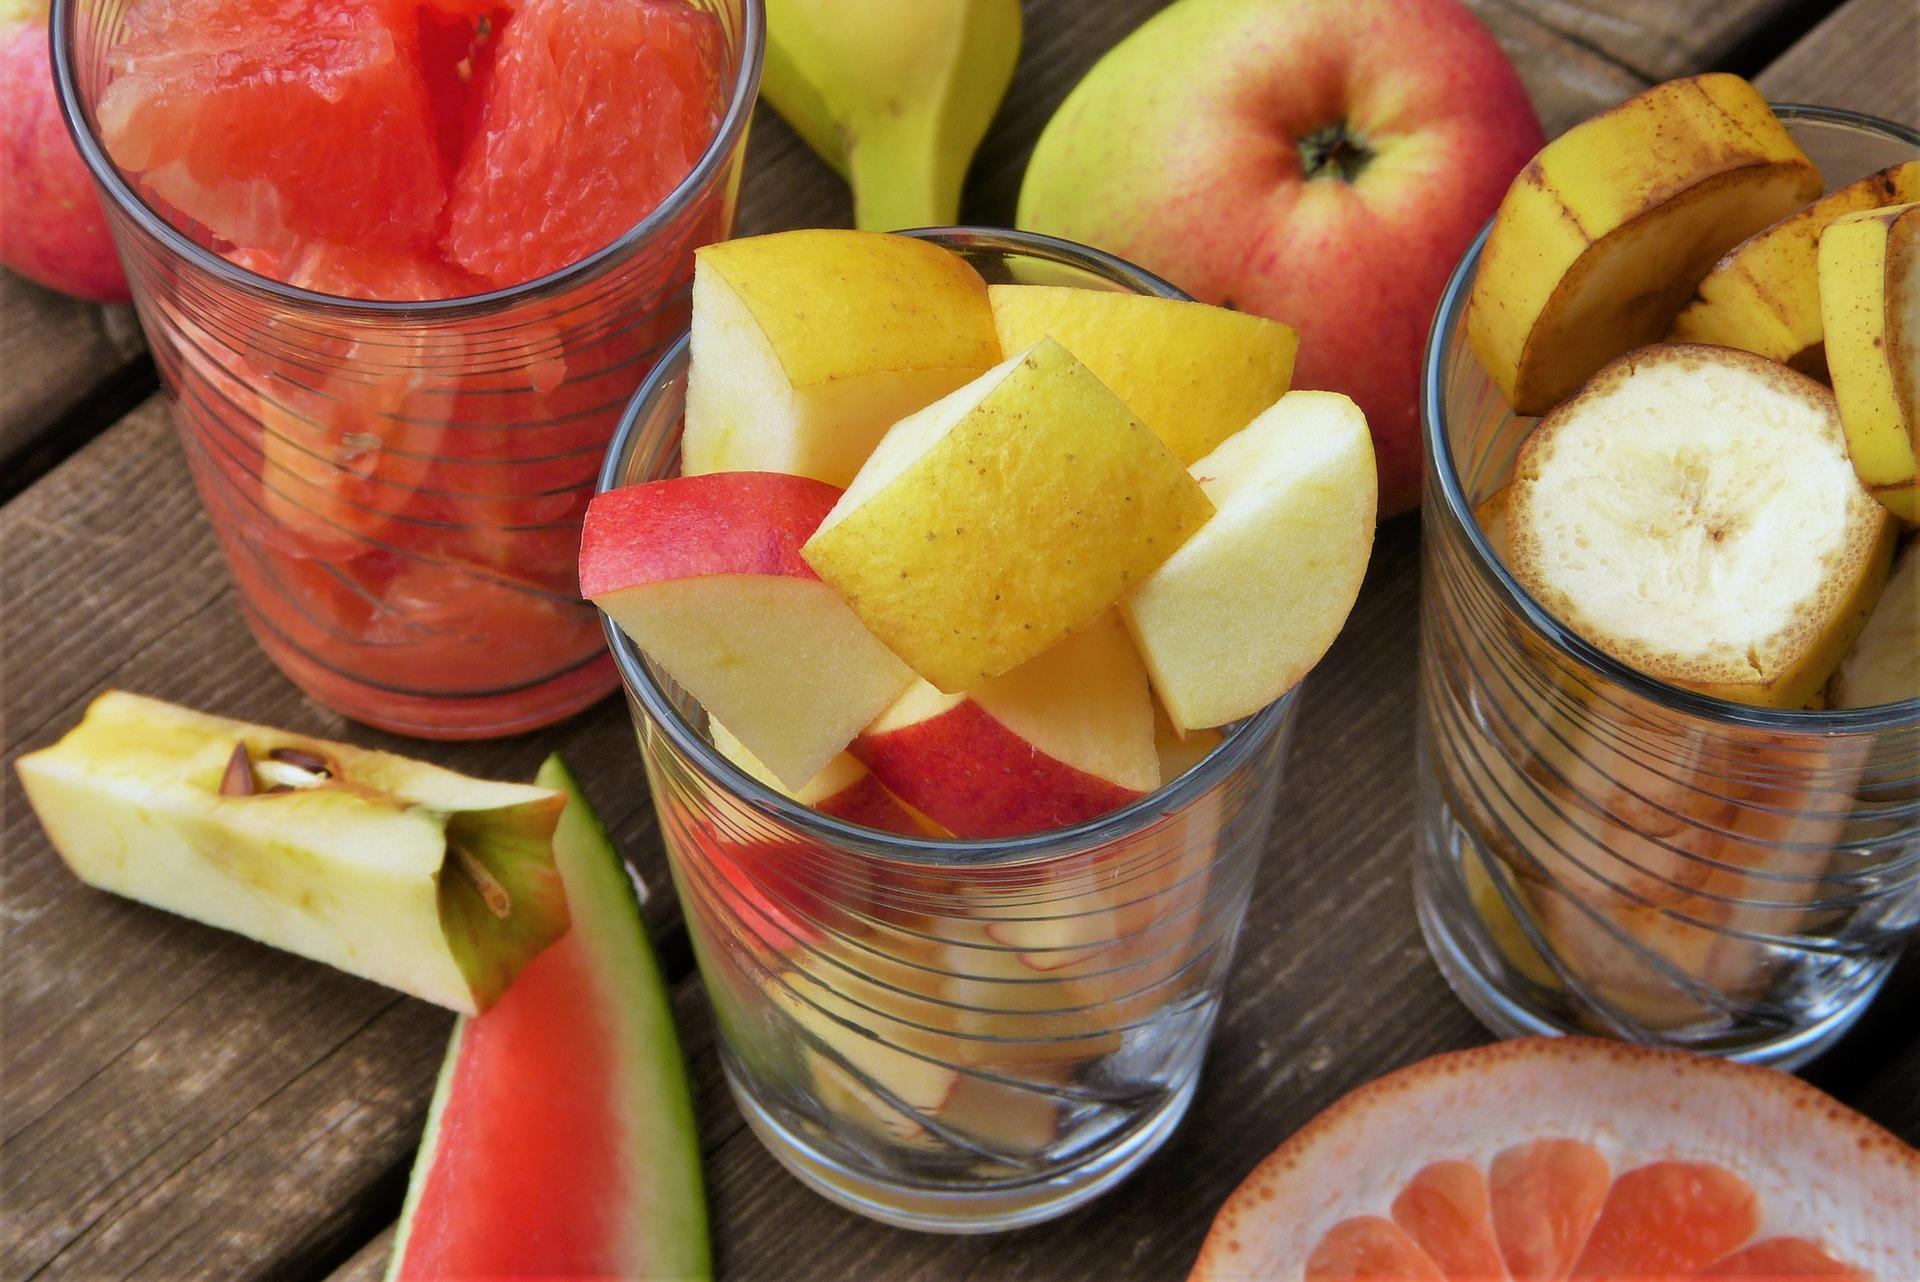 gesund, lecker, Obst und Gemüse